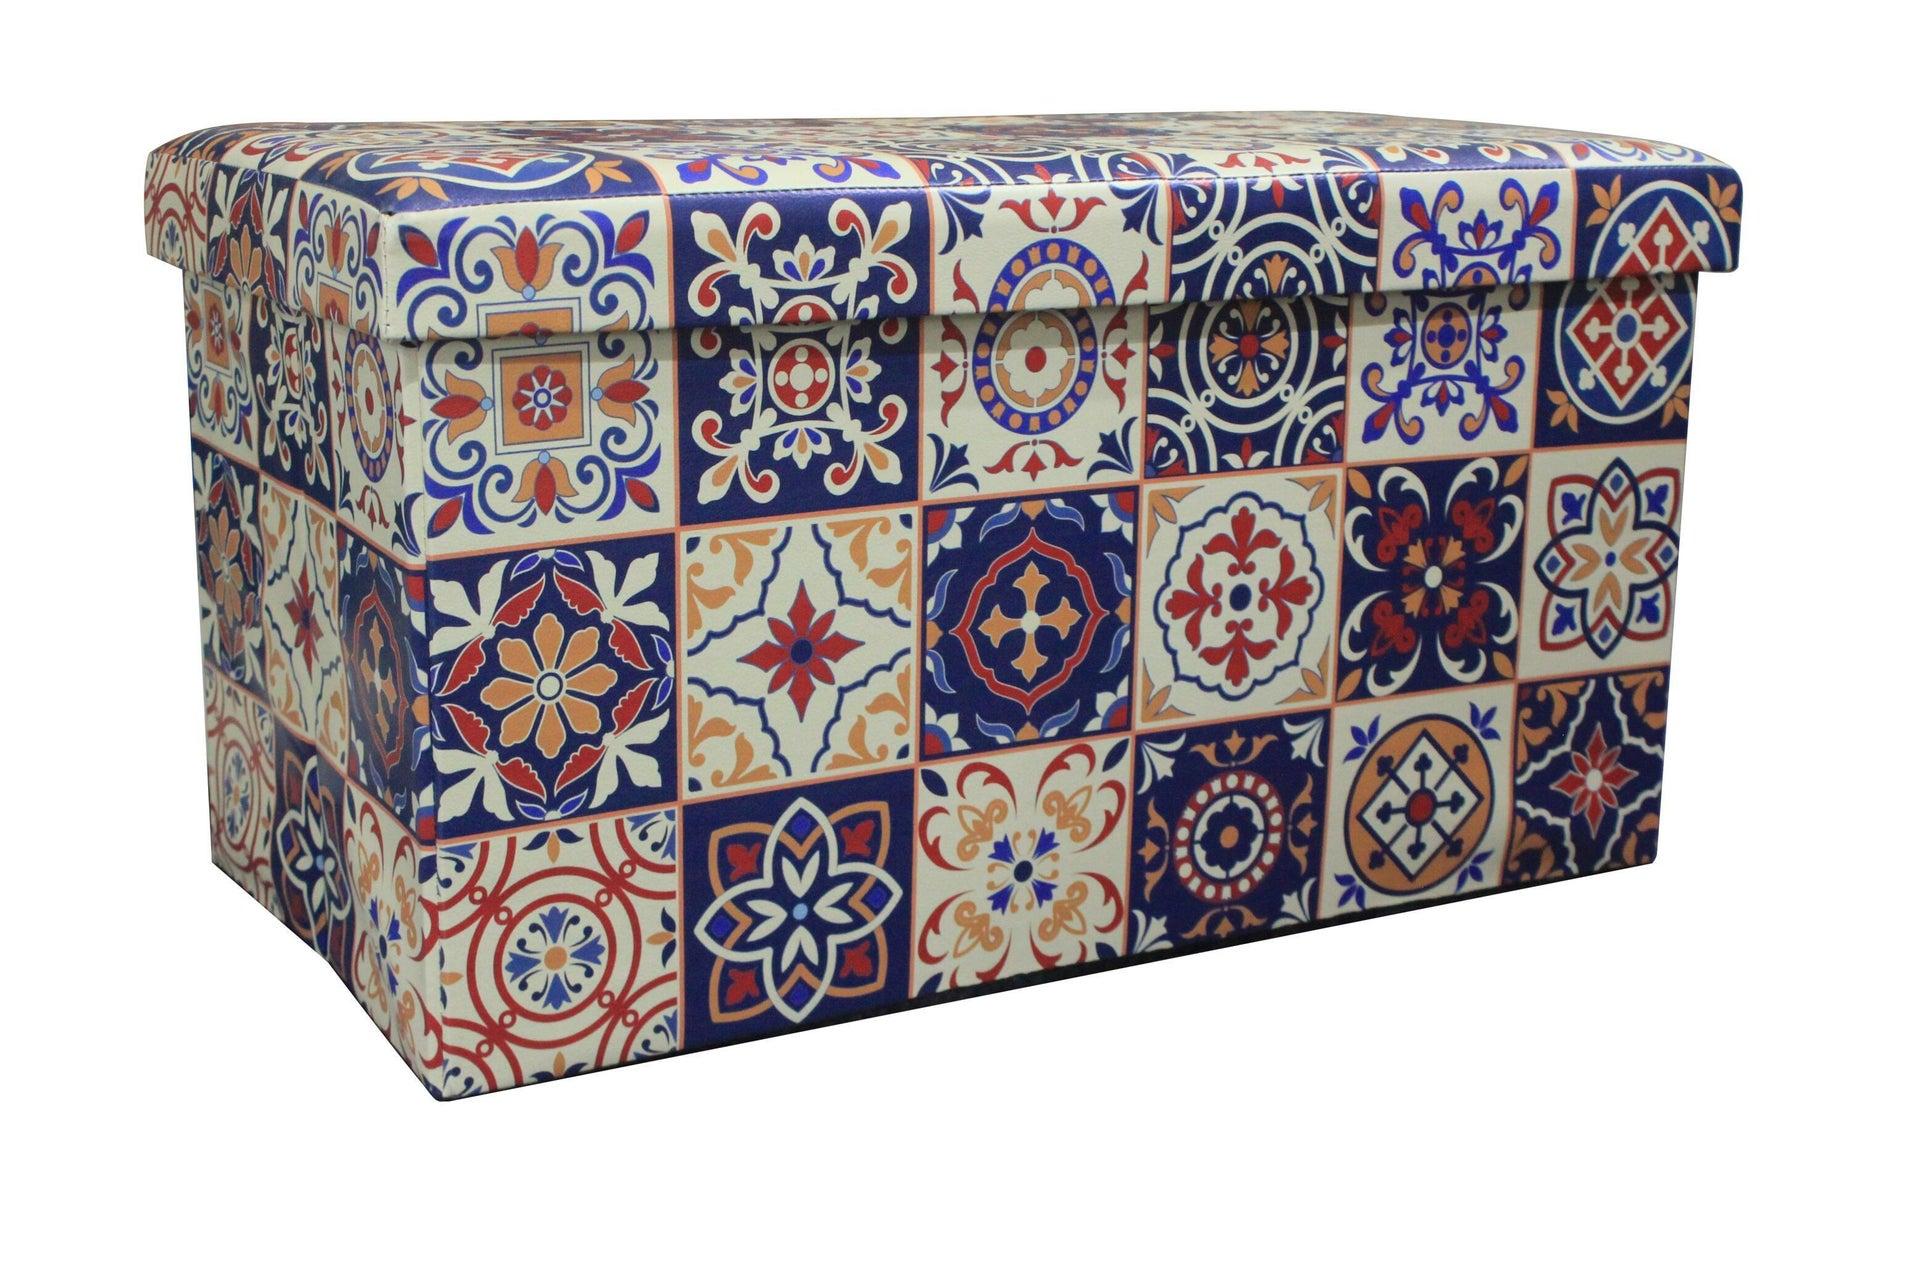 Baule Azulejos L 76 x H 6 x P 40 cm Multicolore